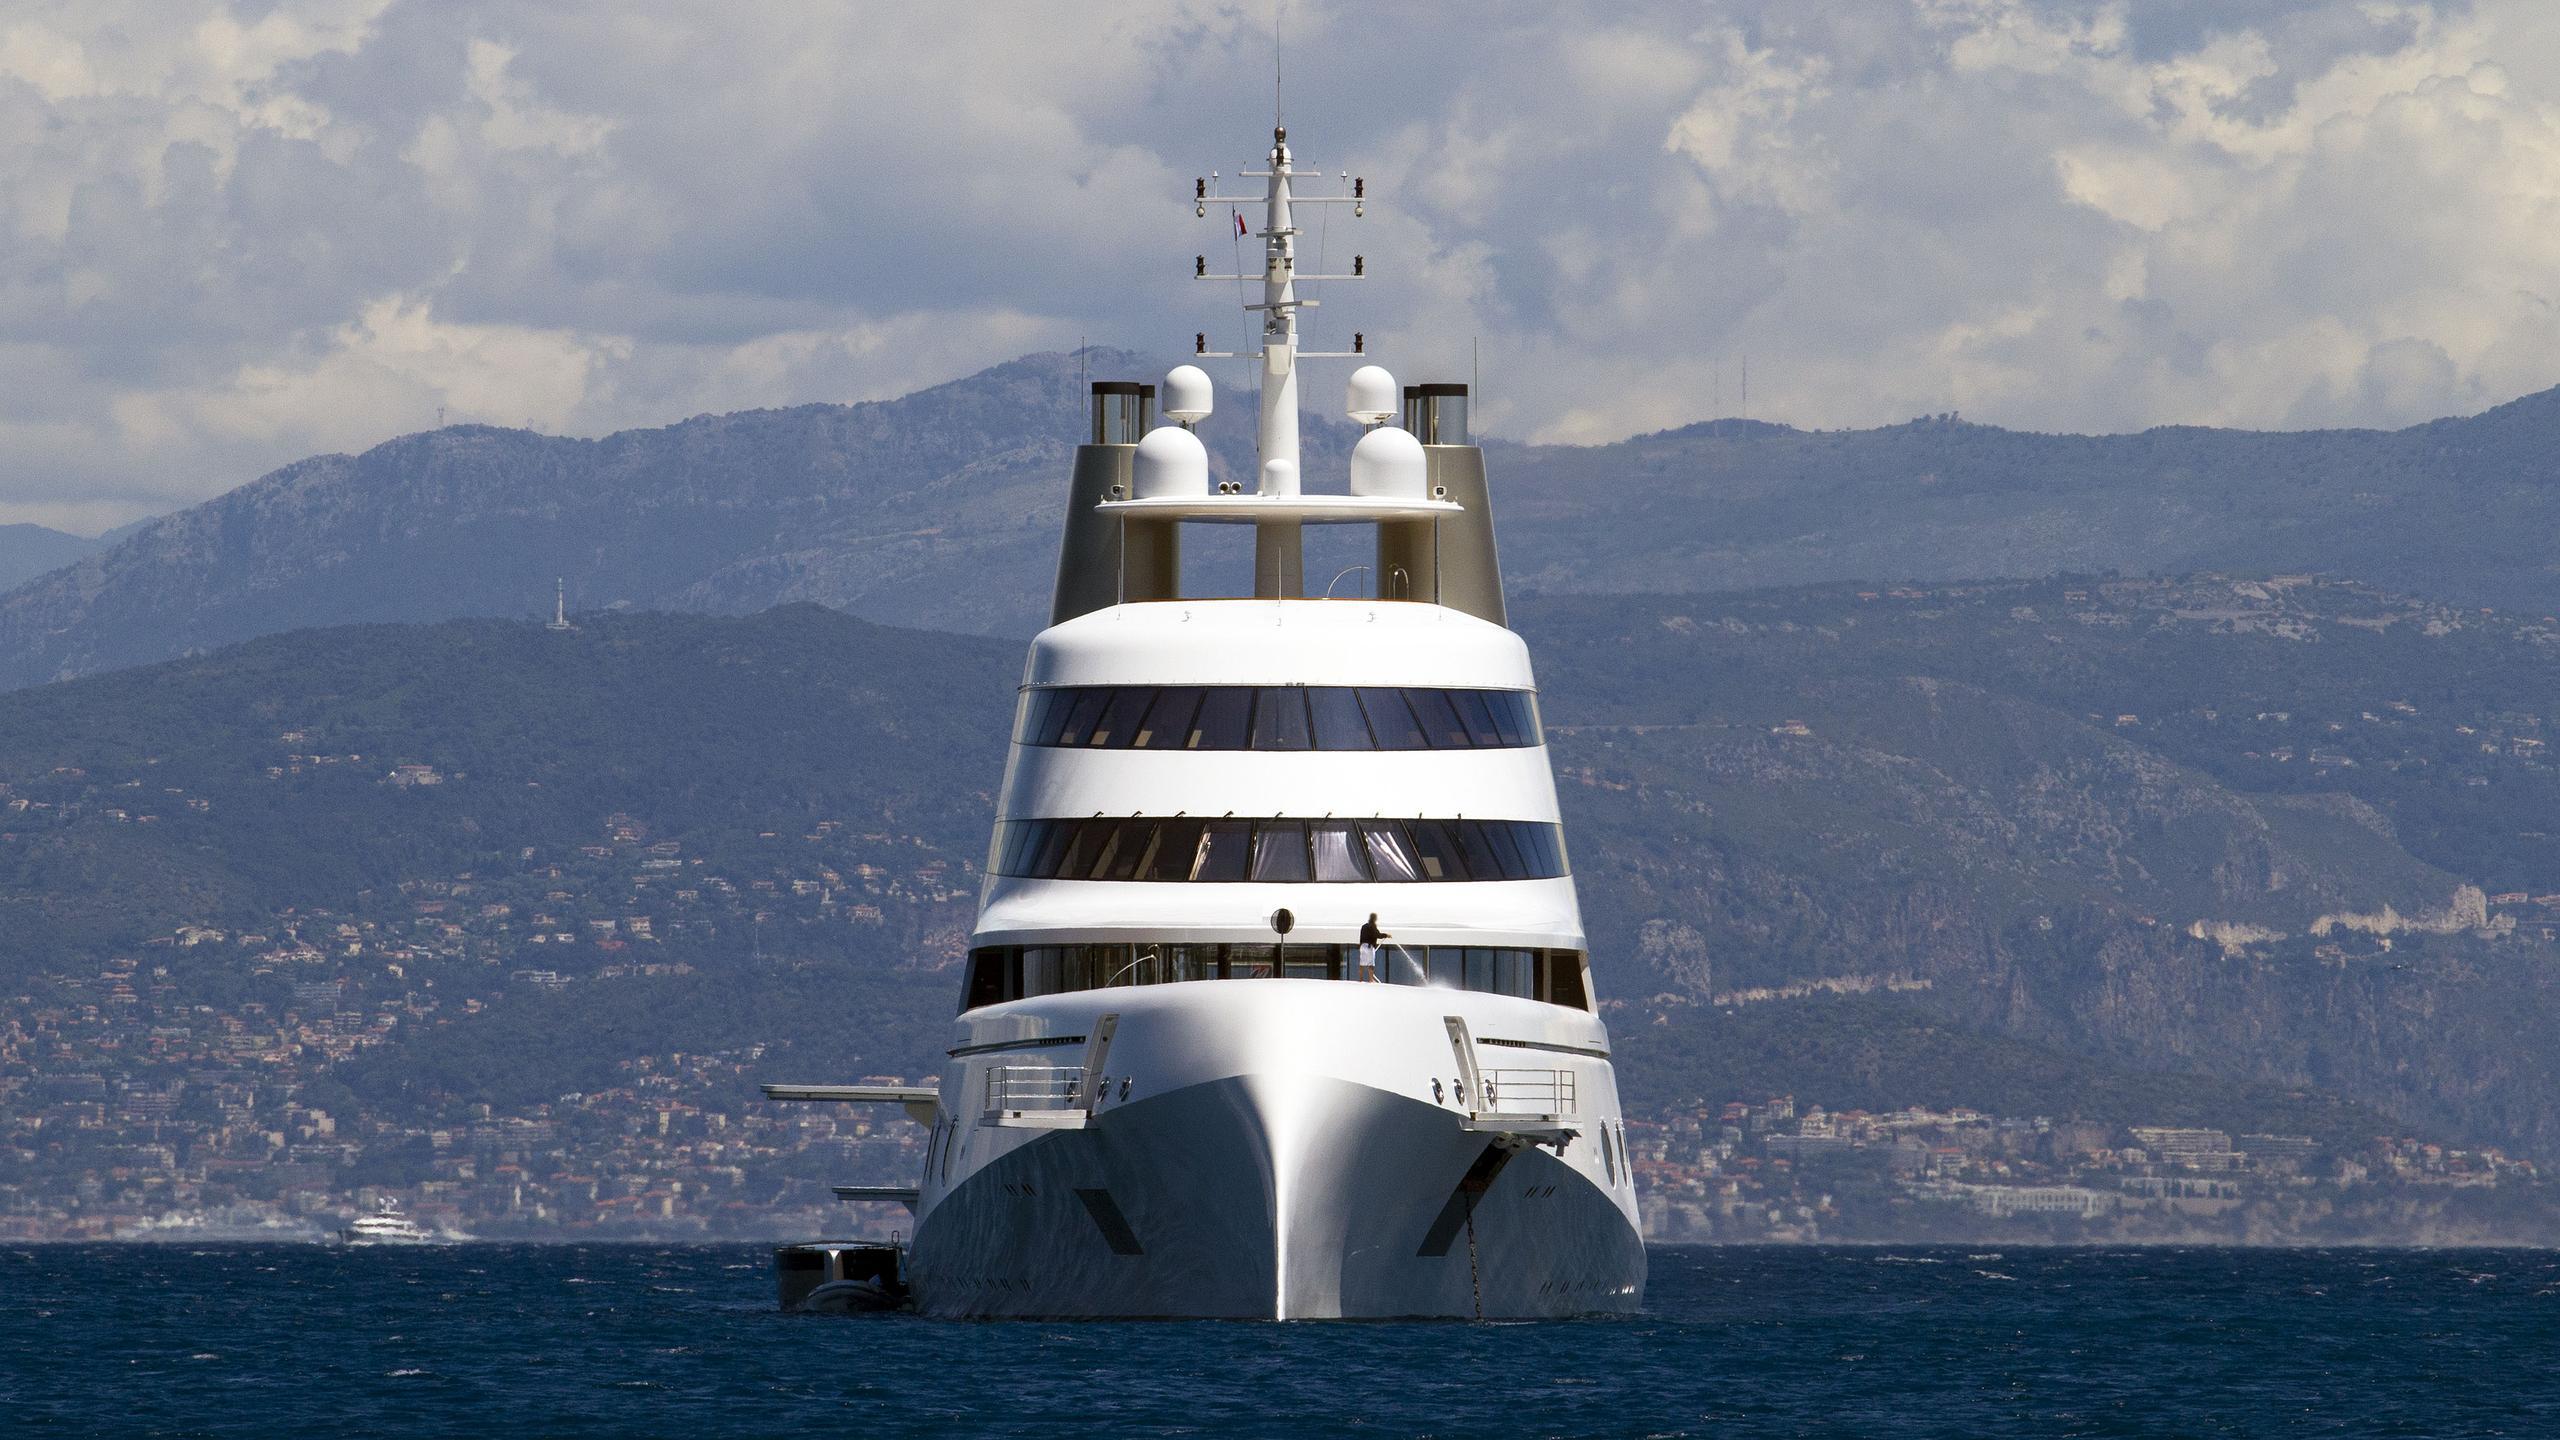 superyacht-a-motor-yacht-blohm-voss-2008-119m-bow